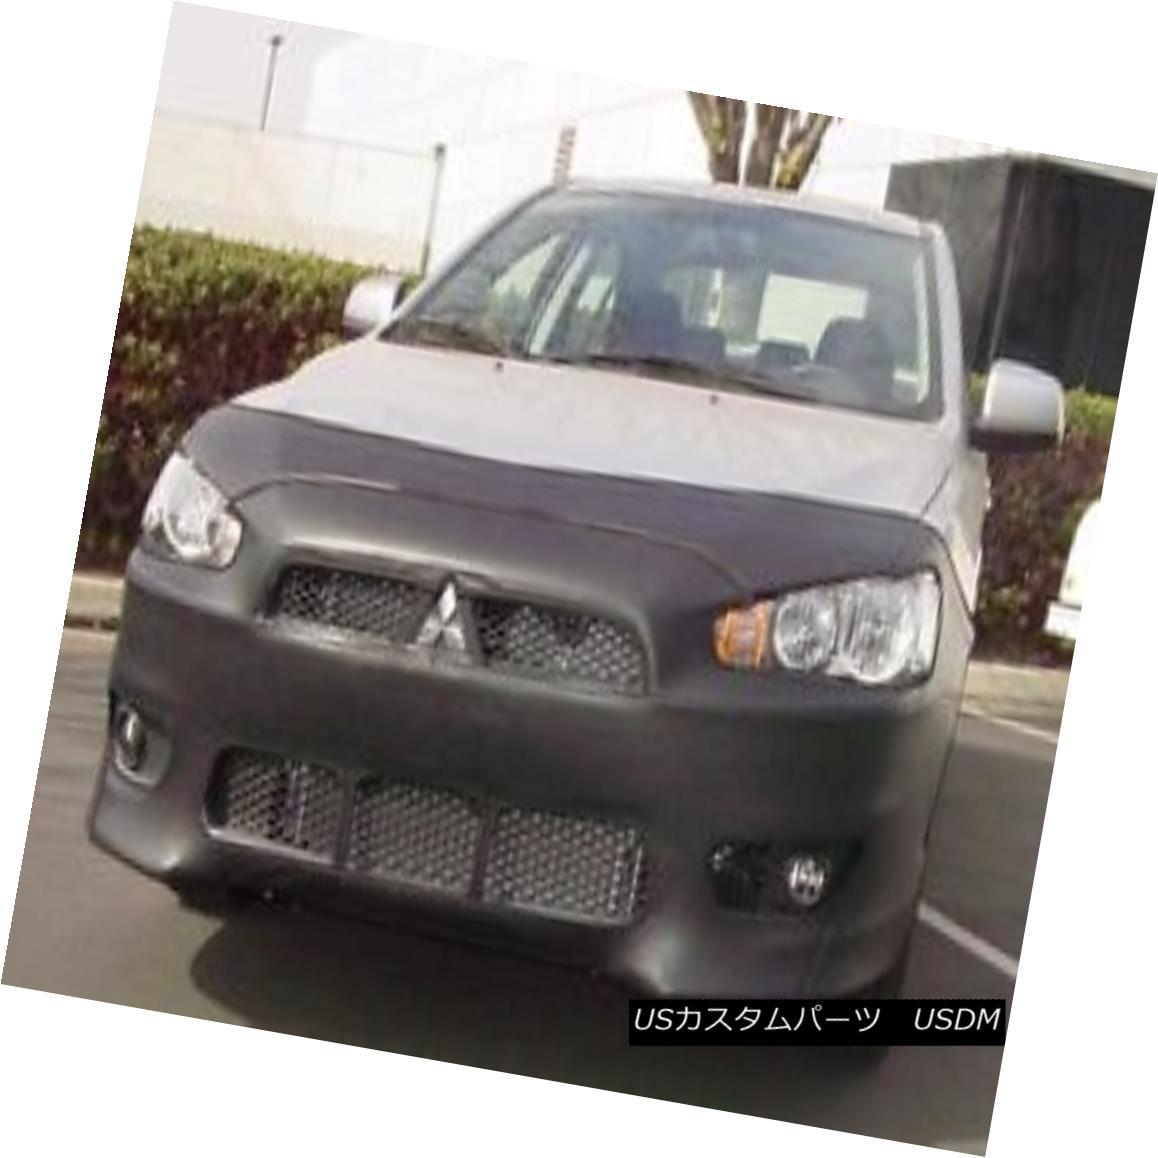 フルブラ ノーズブラ Colgan Front End Mask Bra 2pc. Fits Mitsubishi Lancer GTS 2008-2013 W/O Li.Plate コルガンフロントエンドマスクブラ2pc 三菱ランサーGTS 2008-2013 W / O Li.Plateに適合